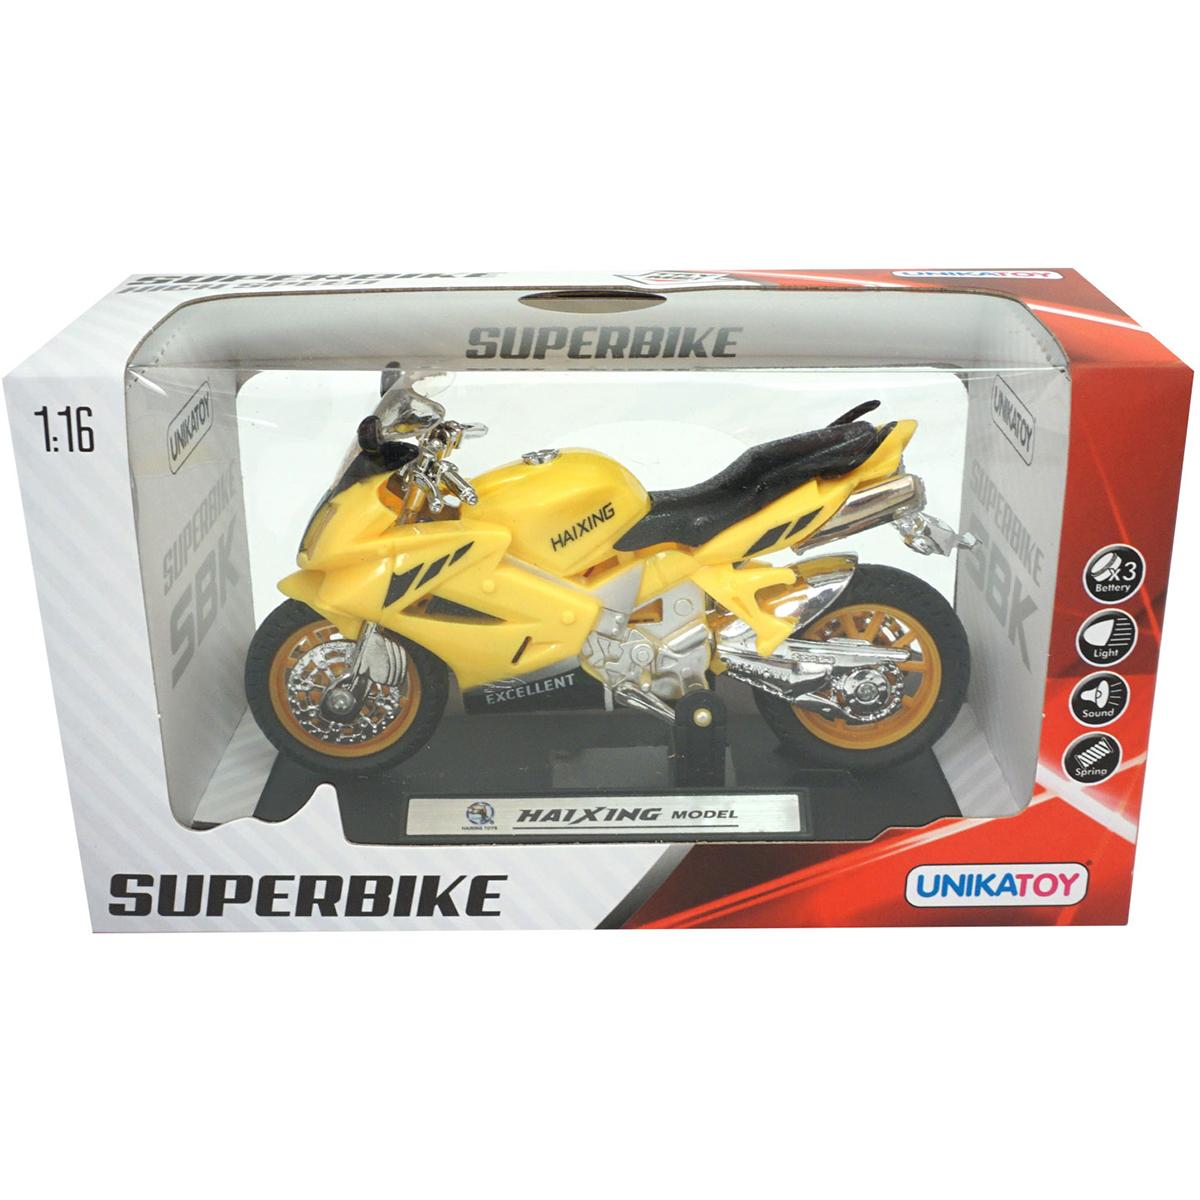 Motocicleta cu lumini si sunete Unika Toy, Galben, 13 cm